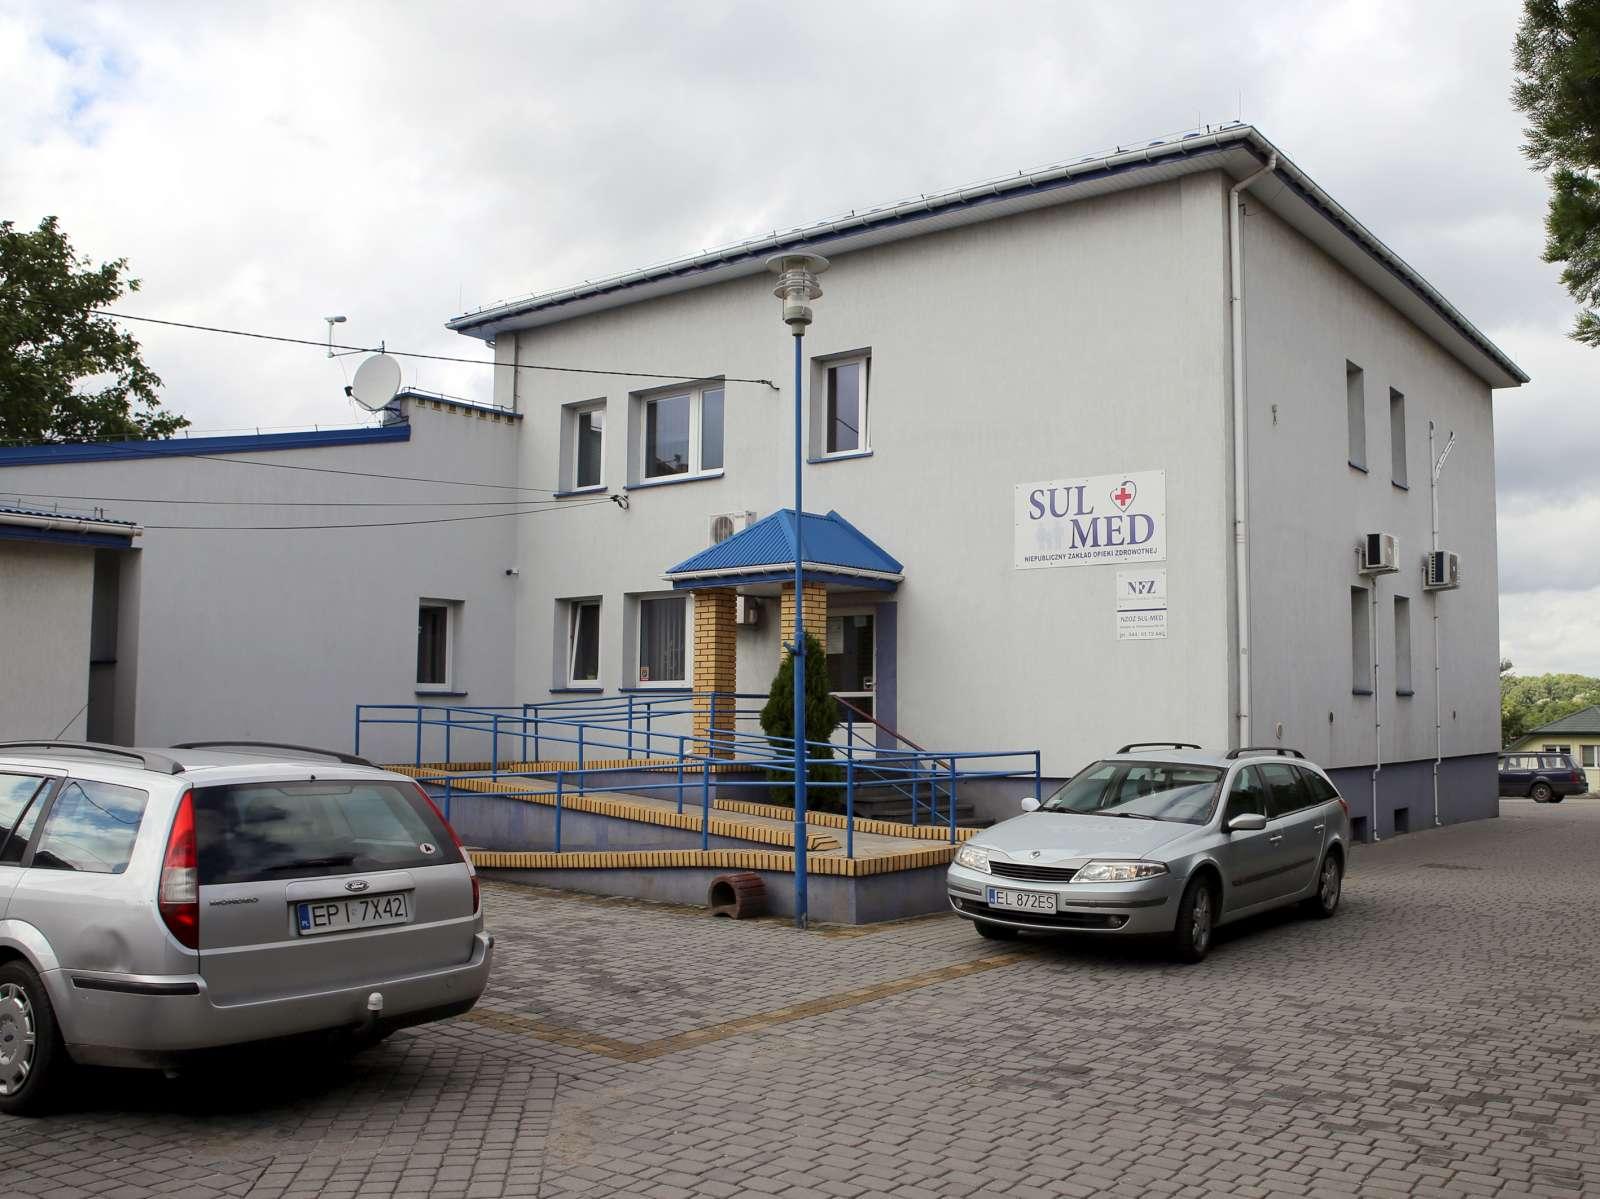 CenterMed - Piotrkowska